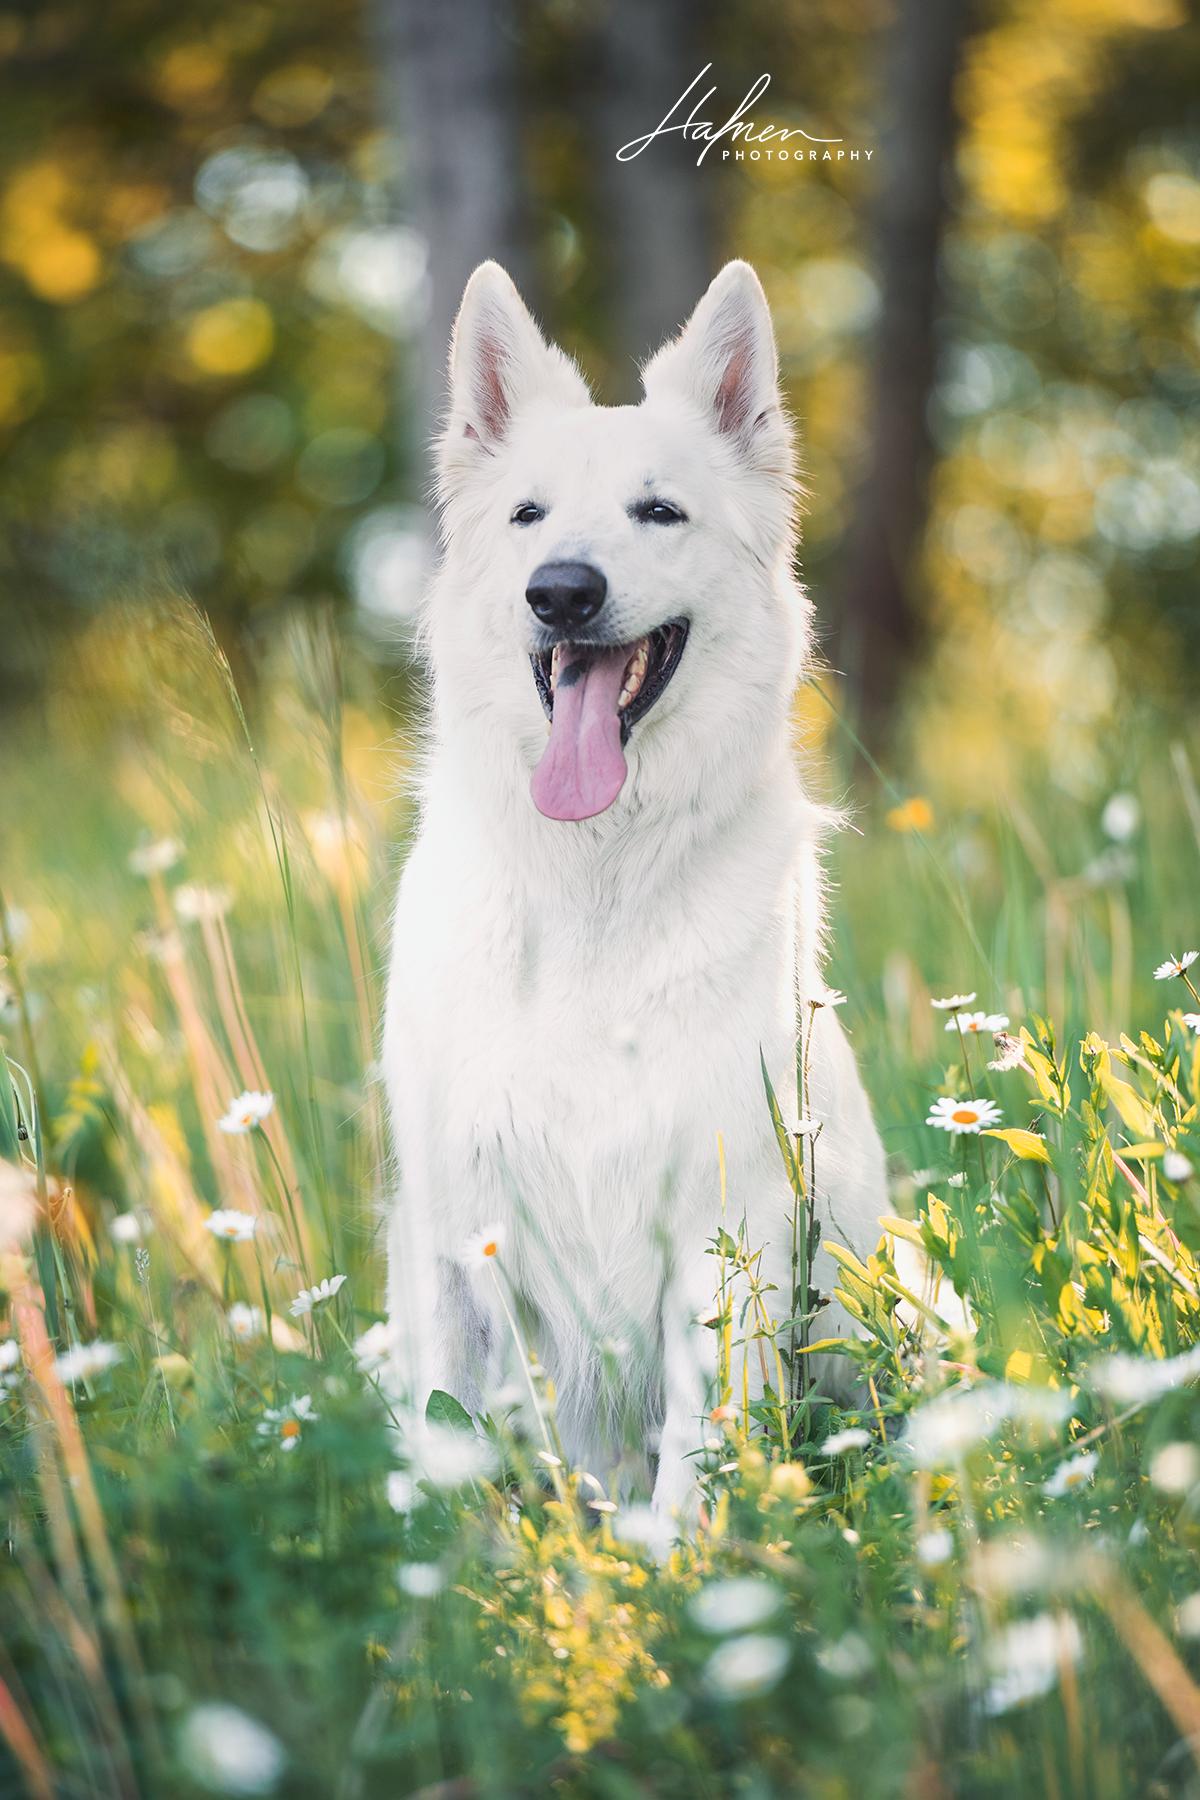 Pin Von Kommstdu Hierher Der Hundebl Auf Hundefotografie Hundefotografie Hunde Bilder Schweizer Schaferhund